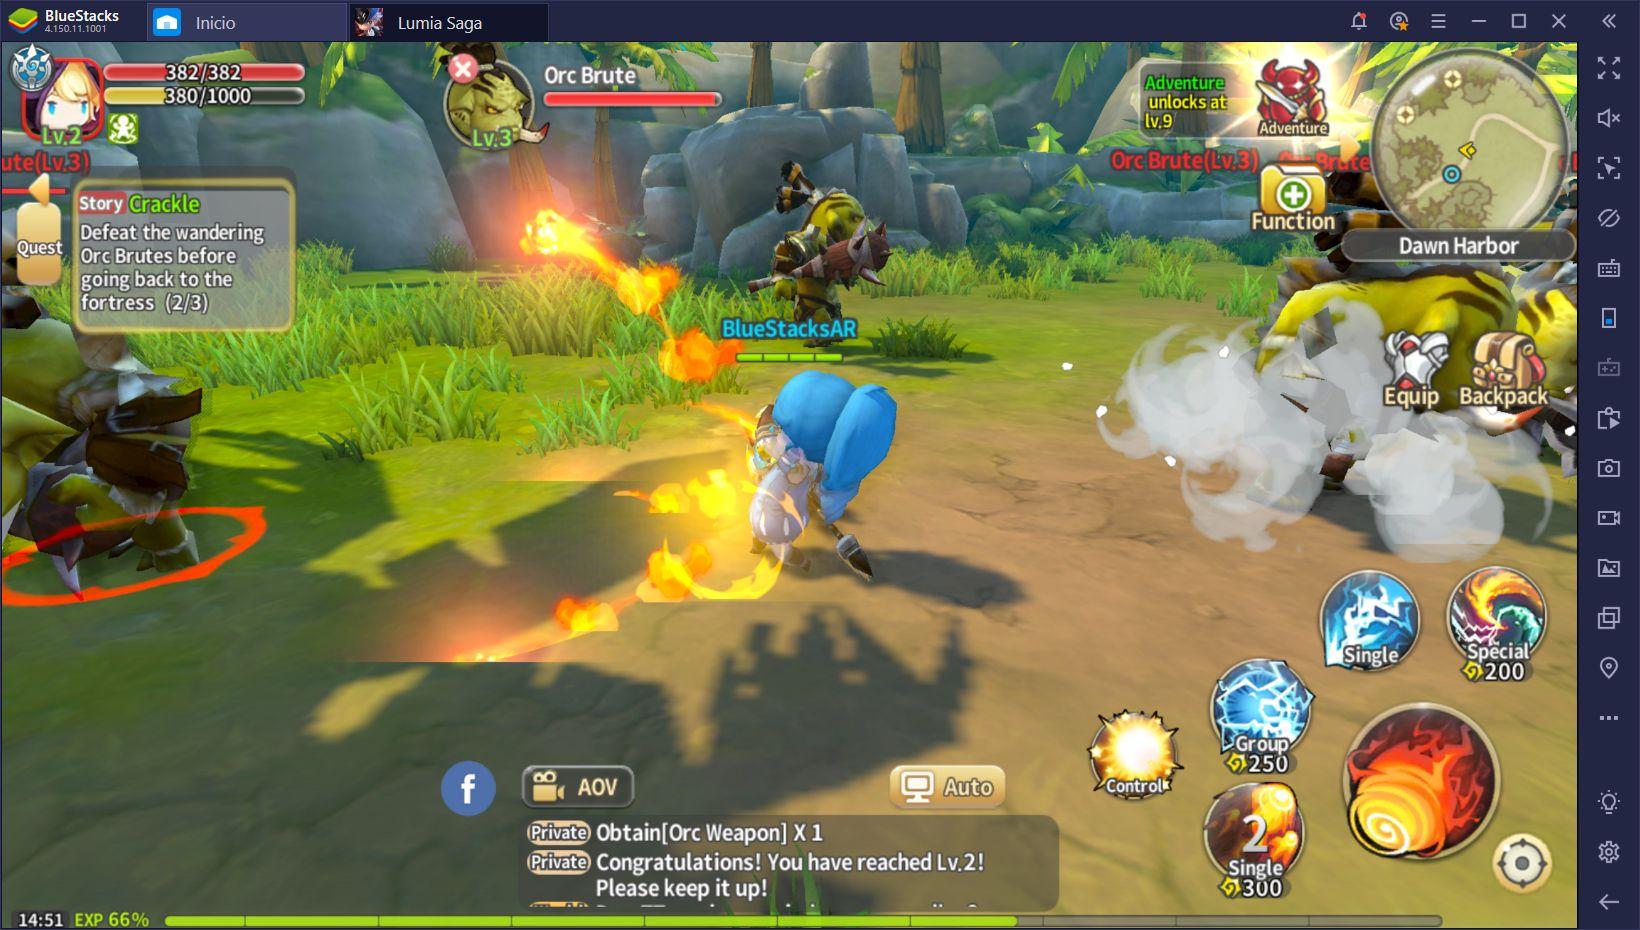 Lumia Saga en BlueStacks – Disfruta de Este MMO en tu PC